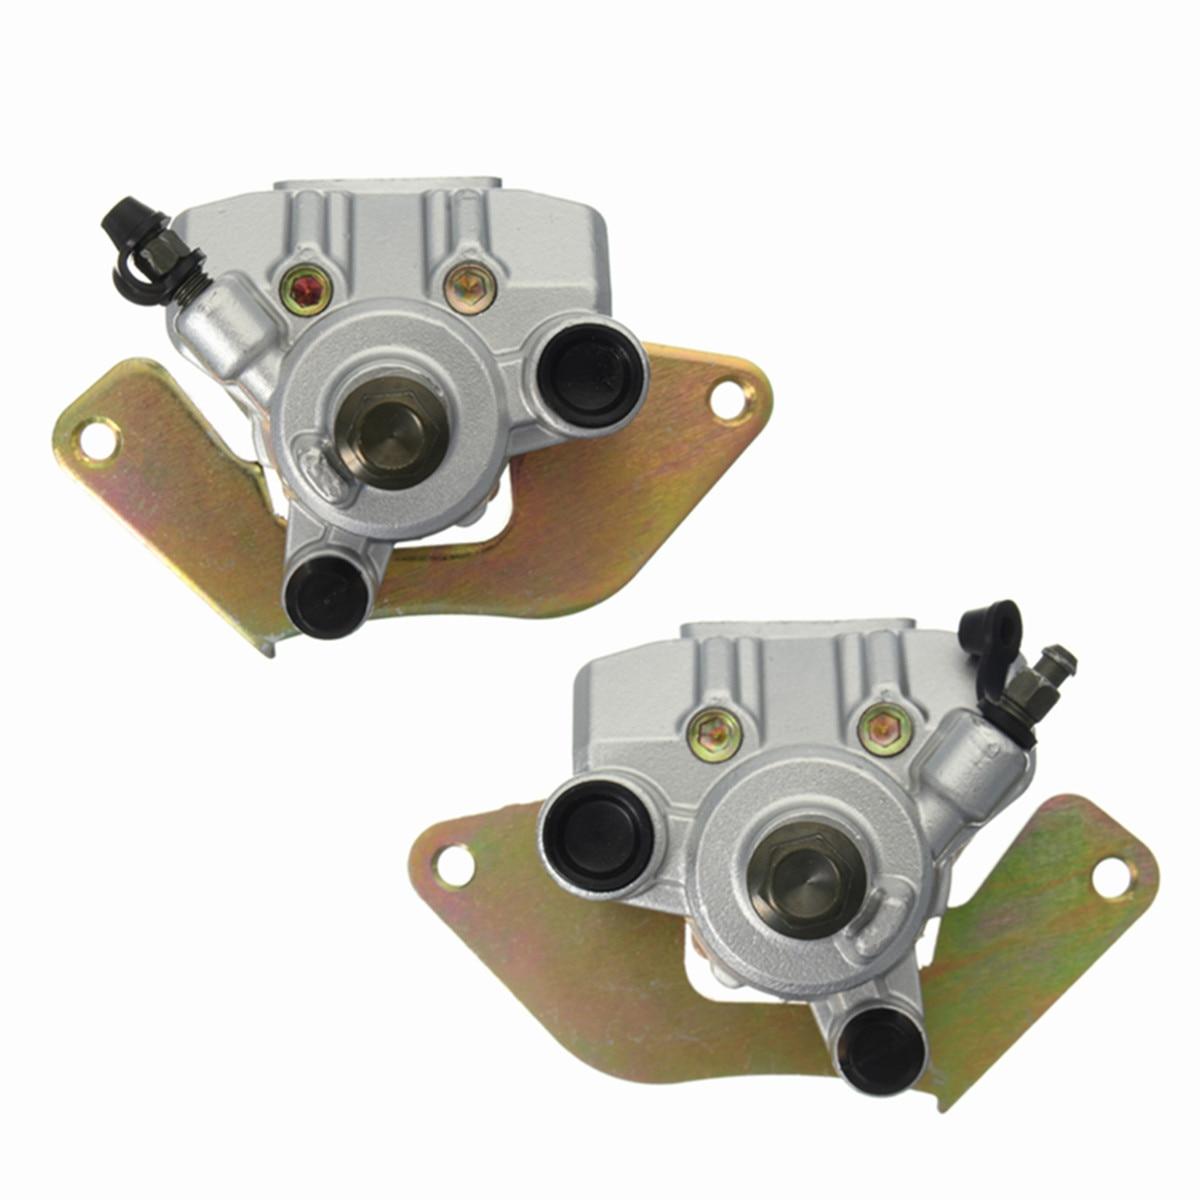 1 paire d'étrier de frein avant pour Honda pour Rancher 420 TRX420 2007-2015 Foreman 500 TRX500 2012-2015